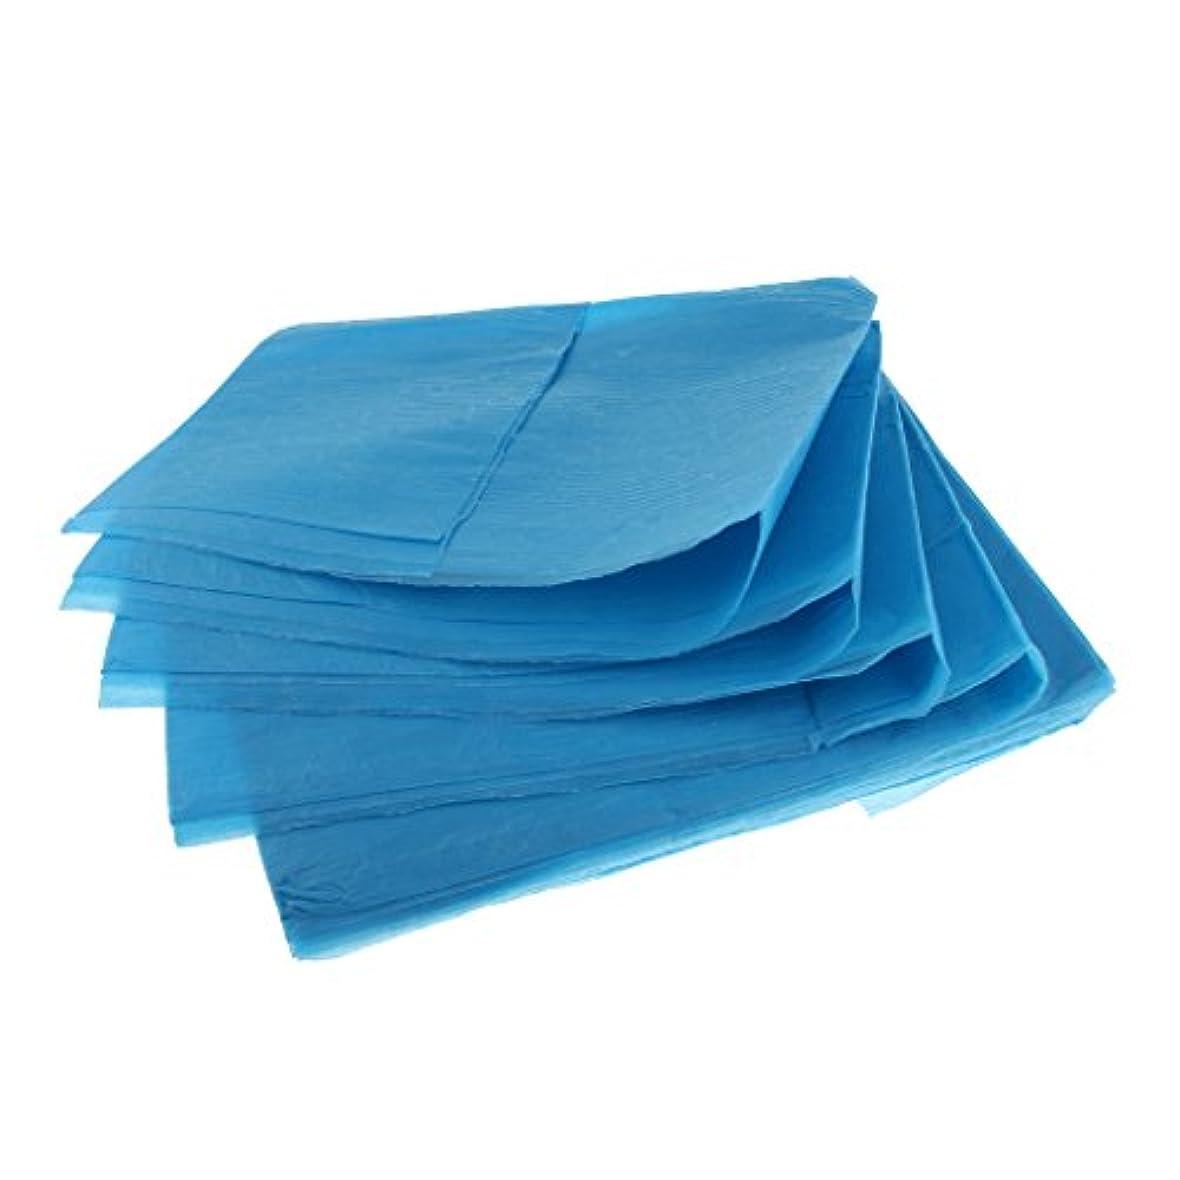 排出典型的な農学SONONIA 10枚 使い捨て ベッドシーツ ベッドパッド カバー 妊産婦 生理期間 スキンケア 美容院 サロン ホテル 2色選べ - 青